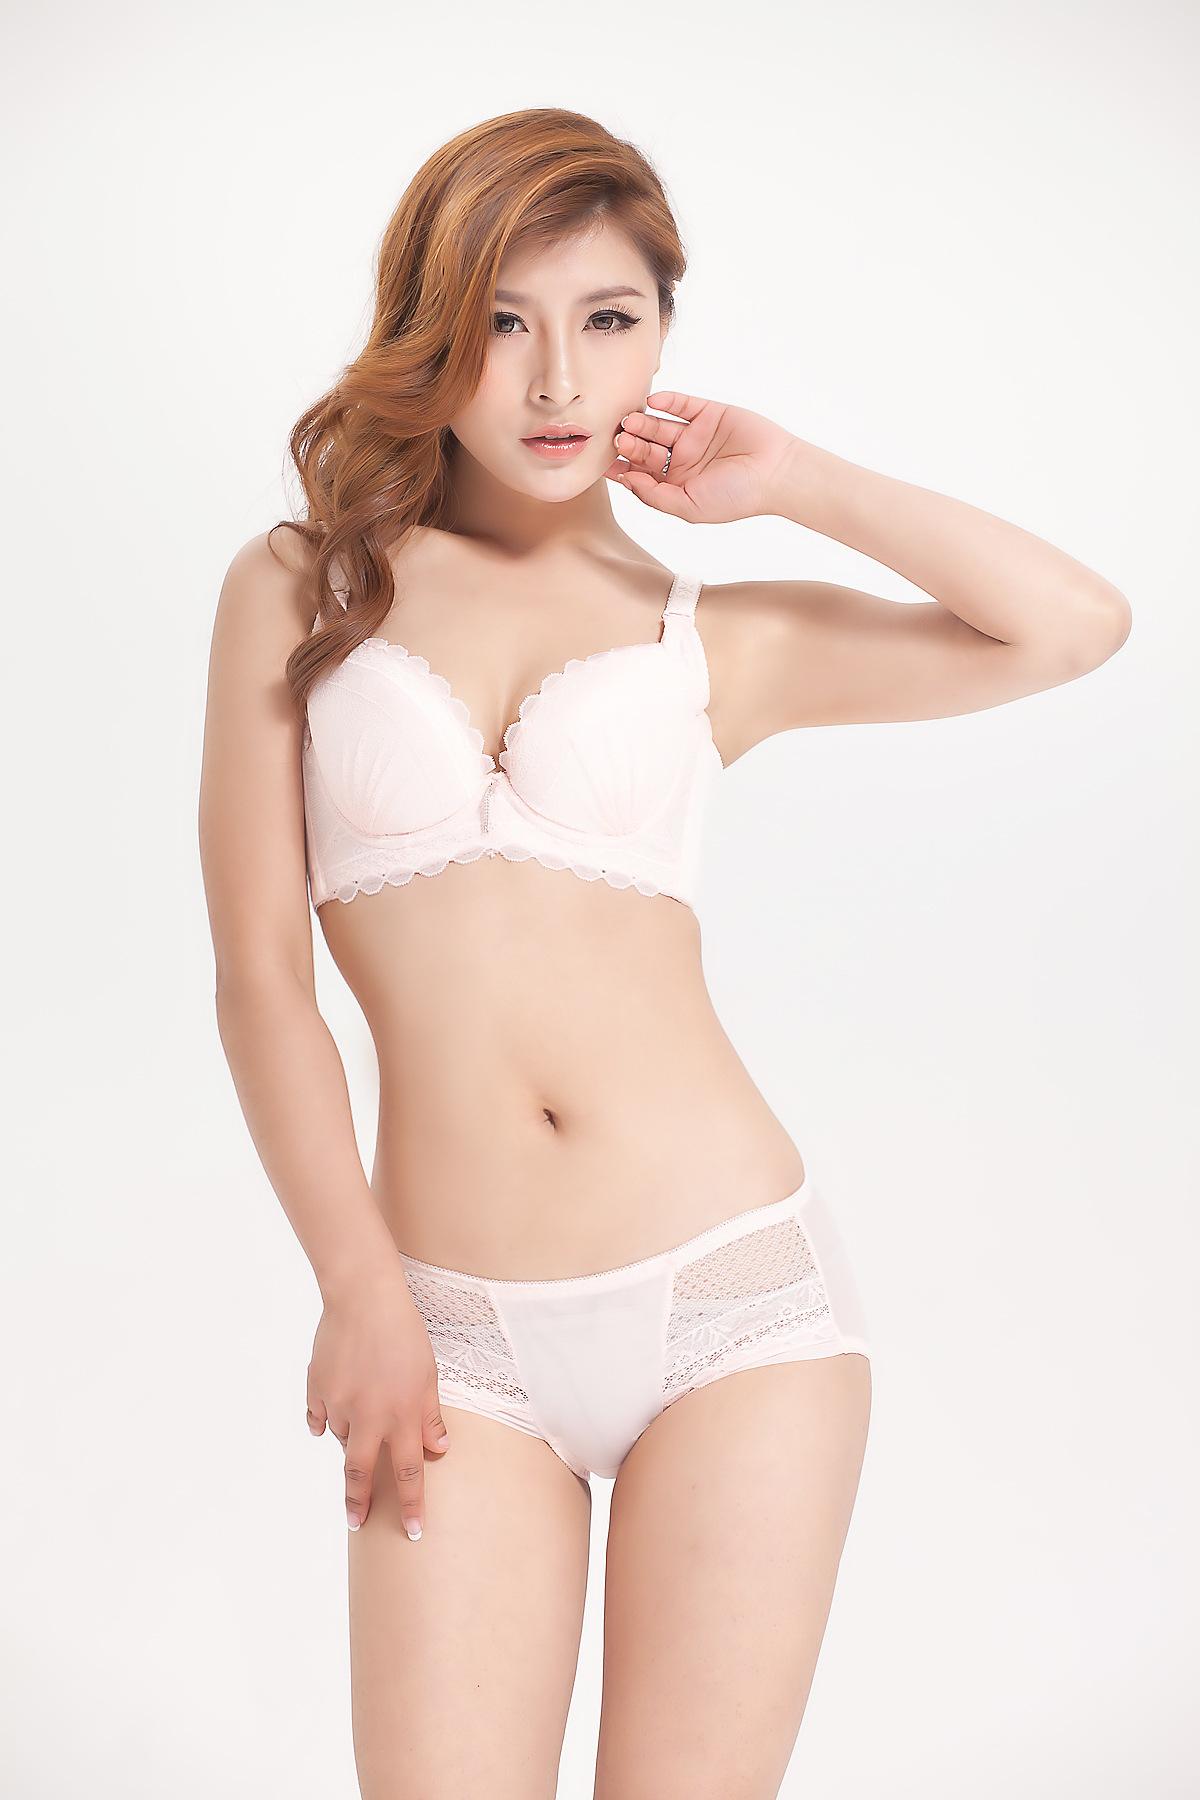 佳妮拉丝文胸 - 1505147909 - 太阳的博客